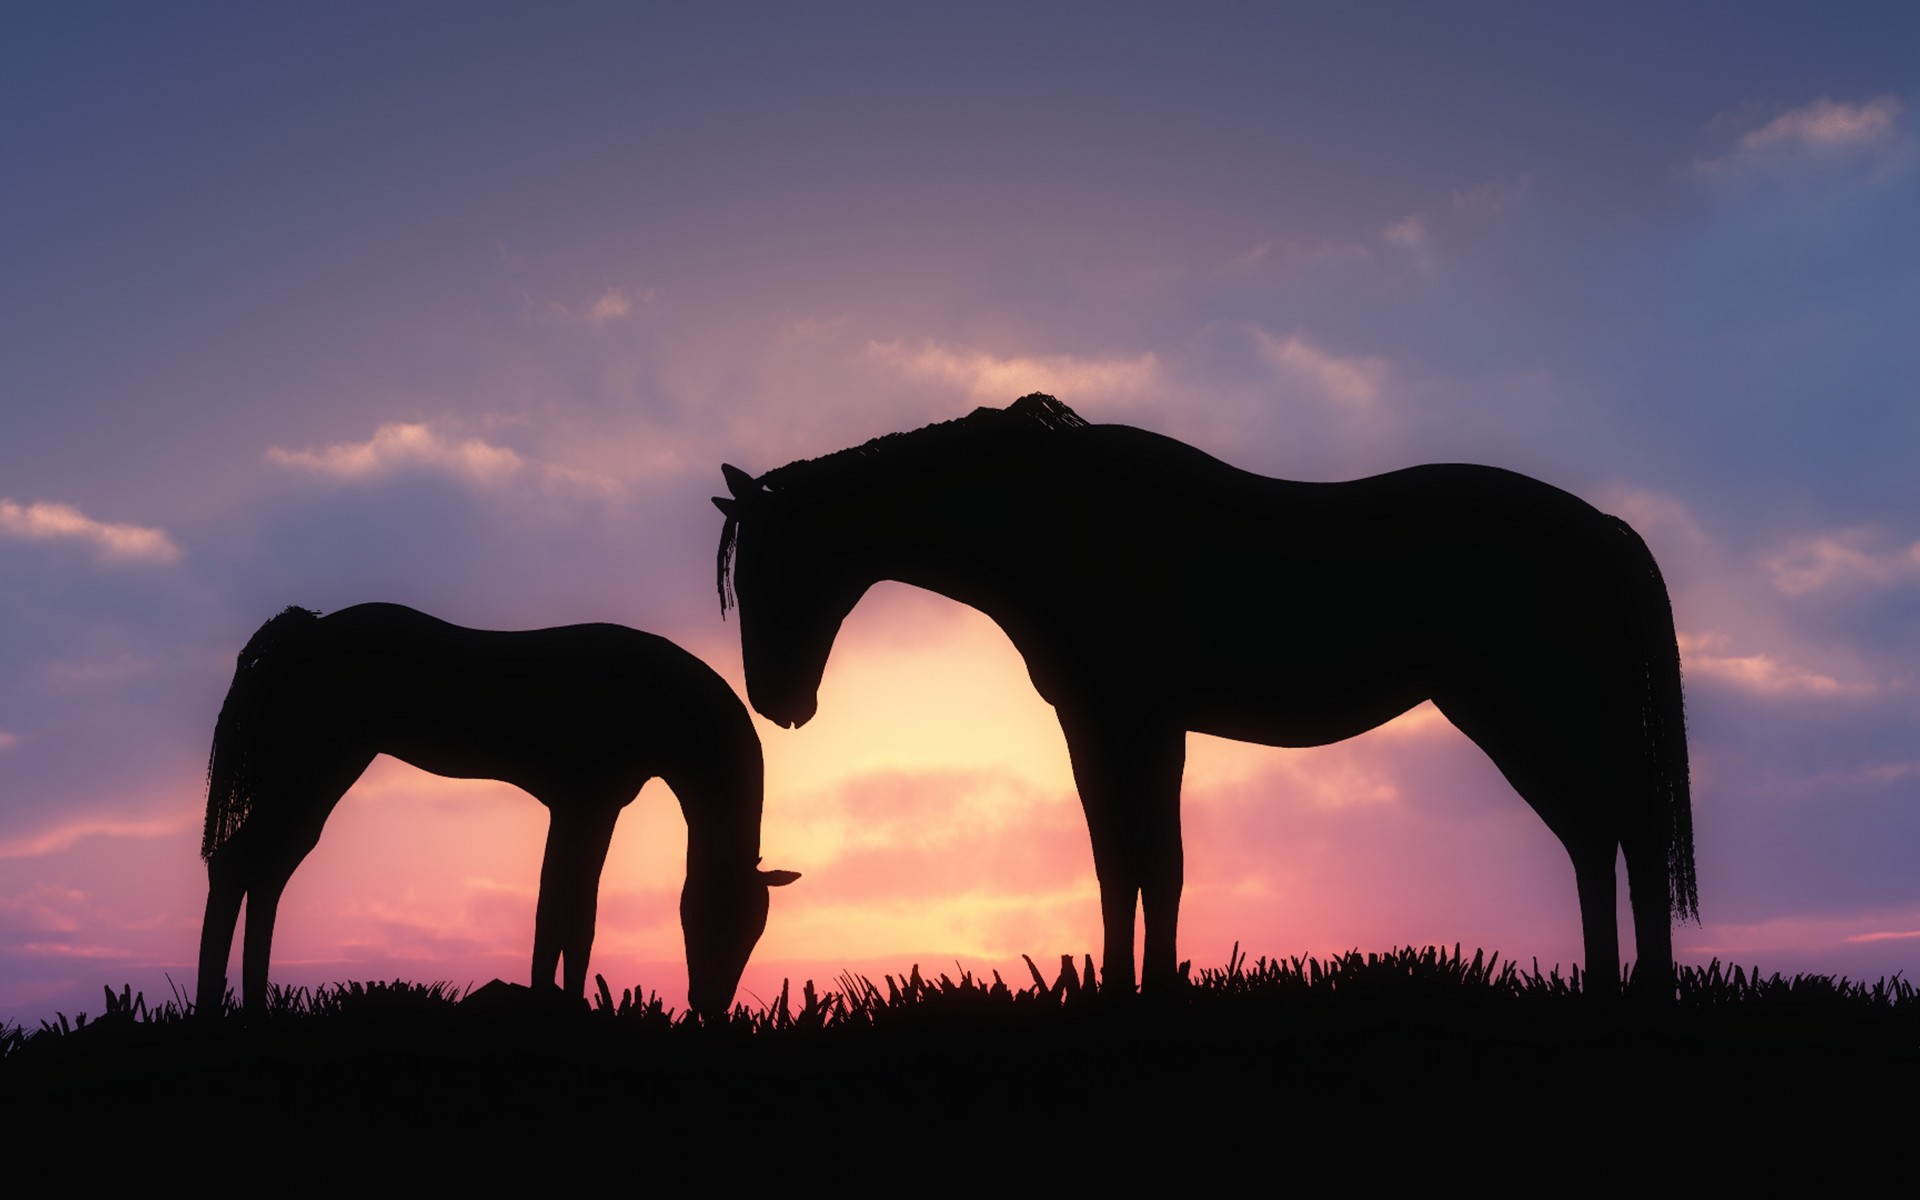 Dos caballos - 1920x1200